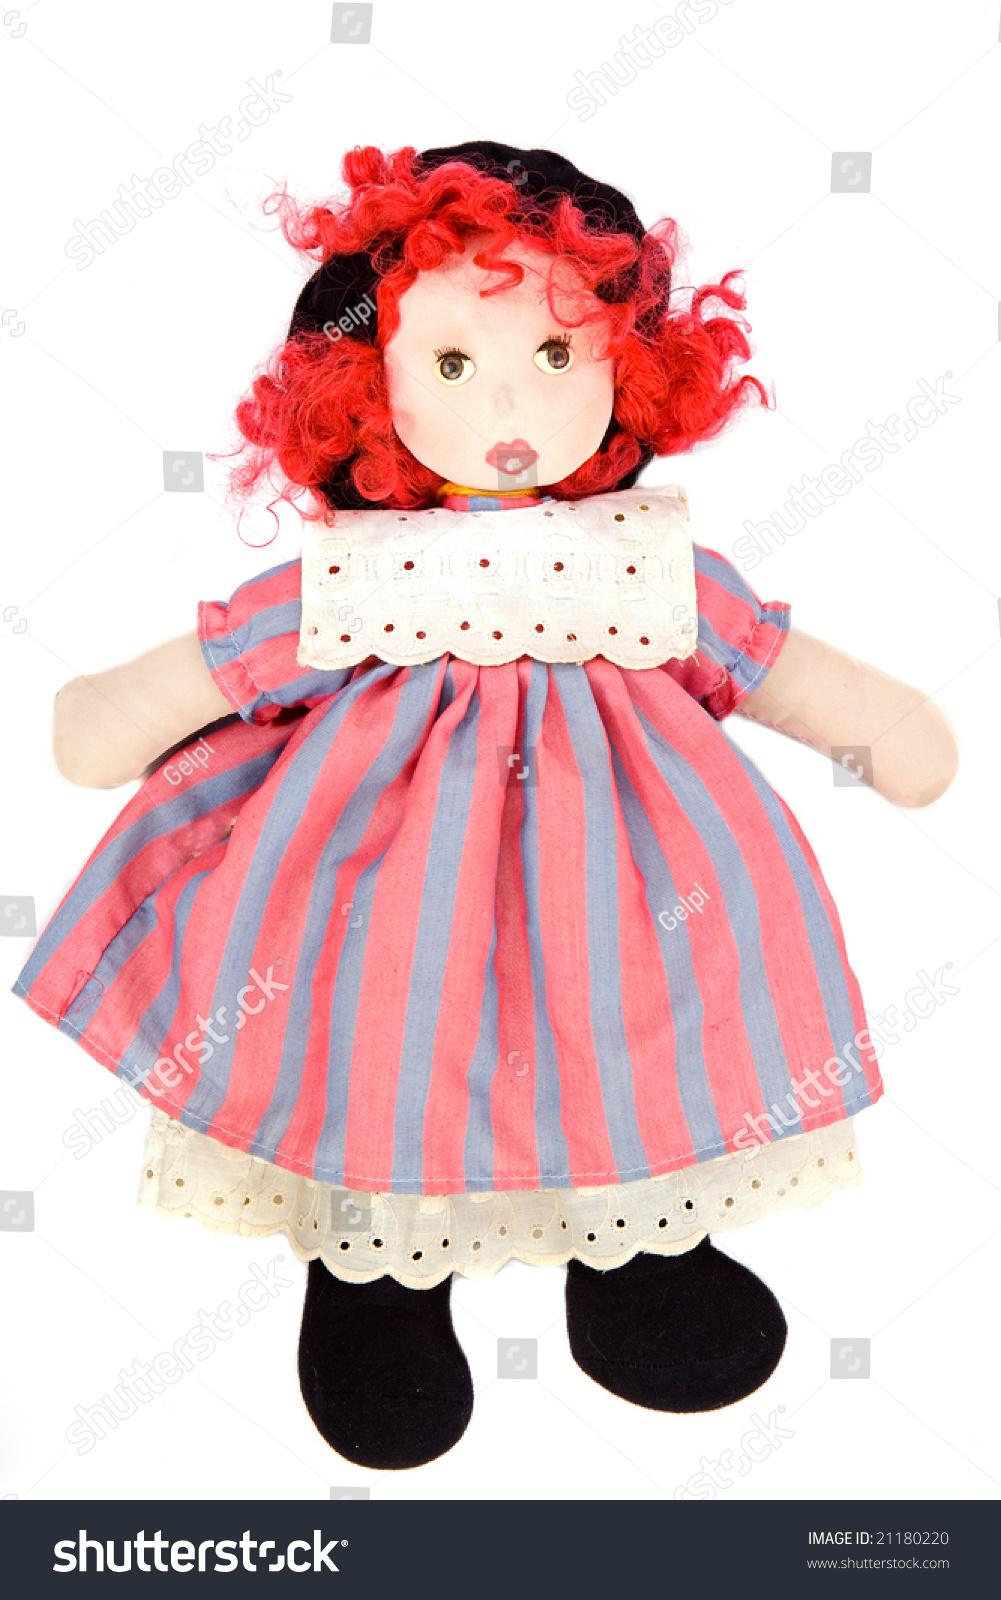 可爱芭芘娃娃微信头像